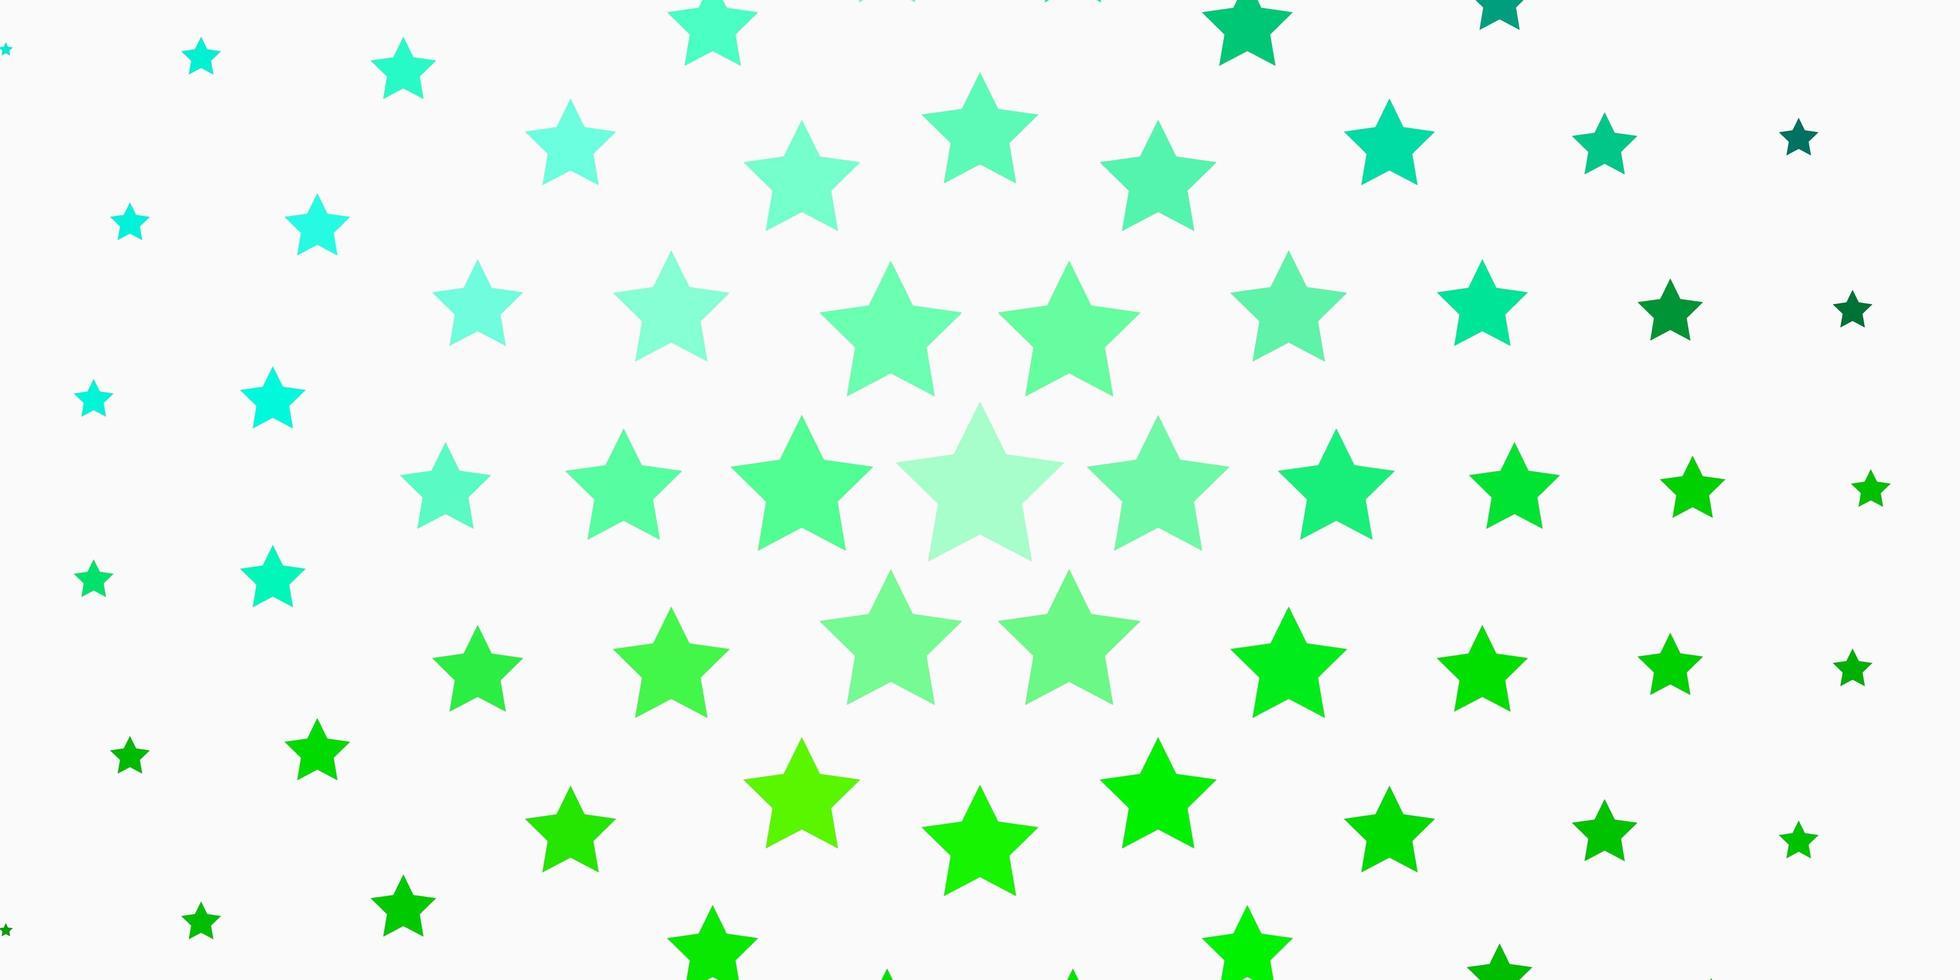 fundo verde claro com estrelas coloridas. vetor